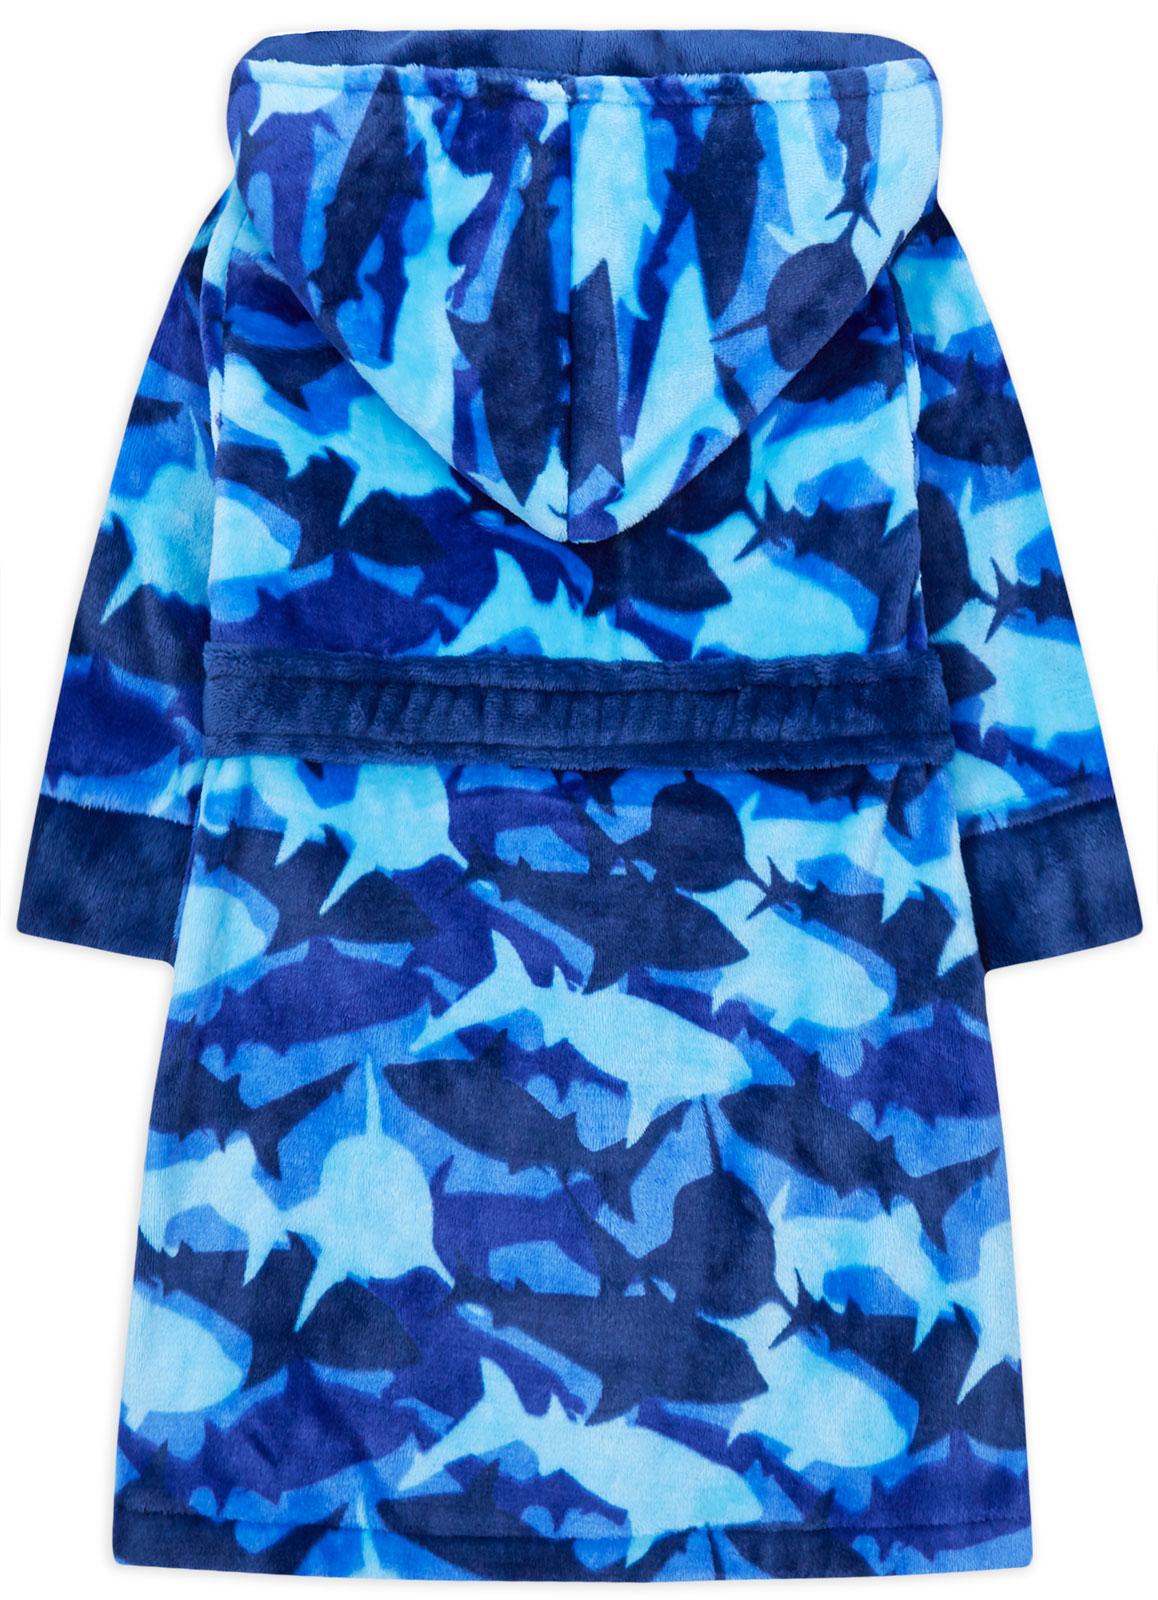 Garçons Robe De Chambre Enfants Nouveau Requin Bleu Camouflage À Capuche Doux Robe De Chambre Âge 2-13 ans